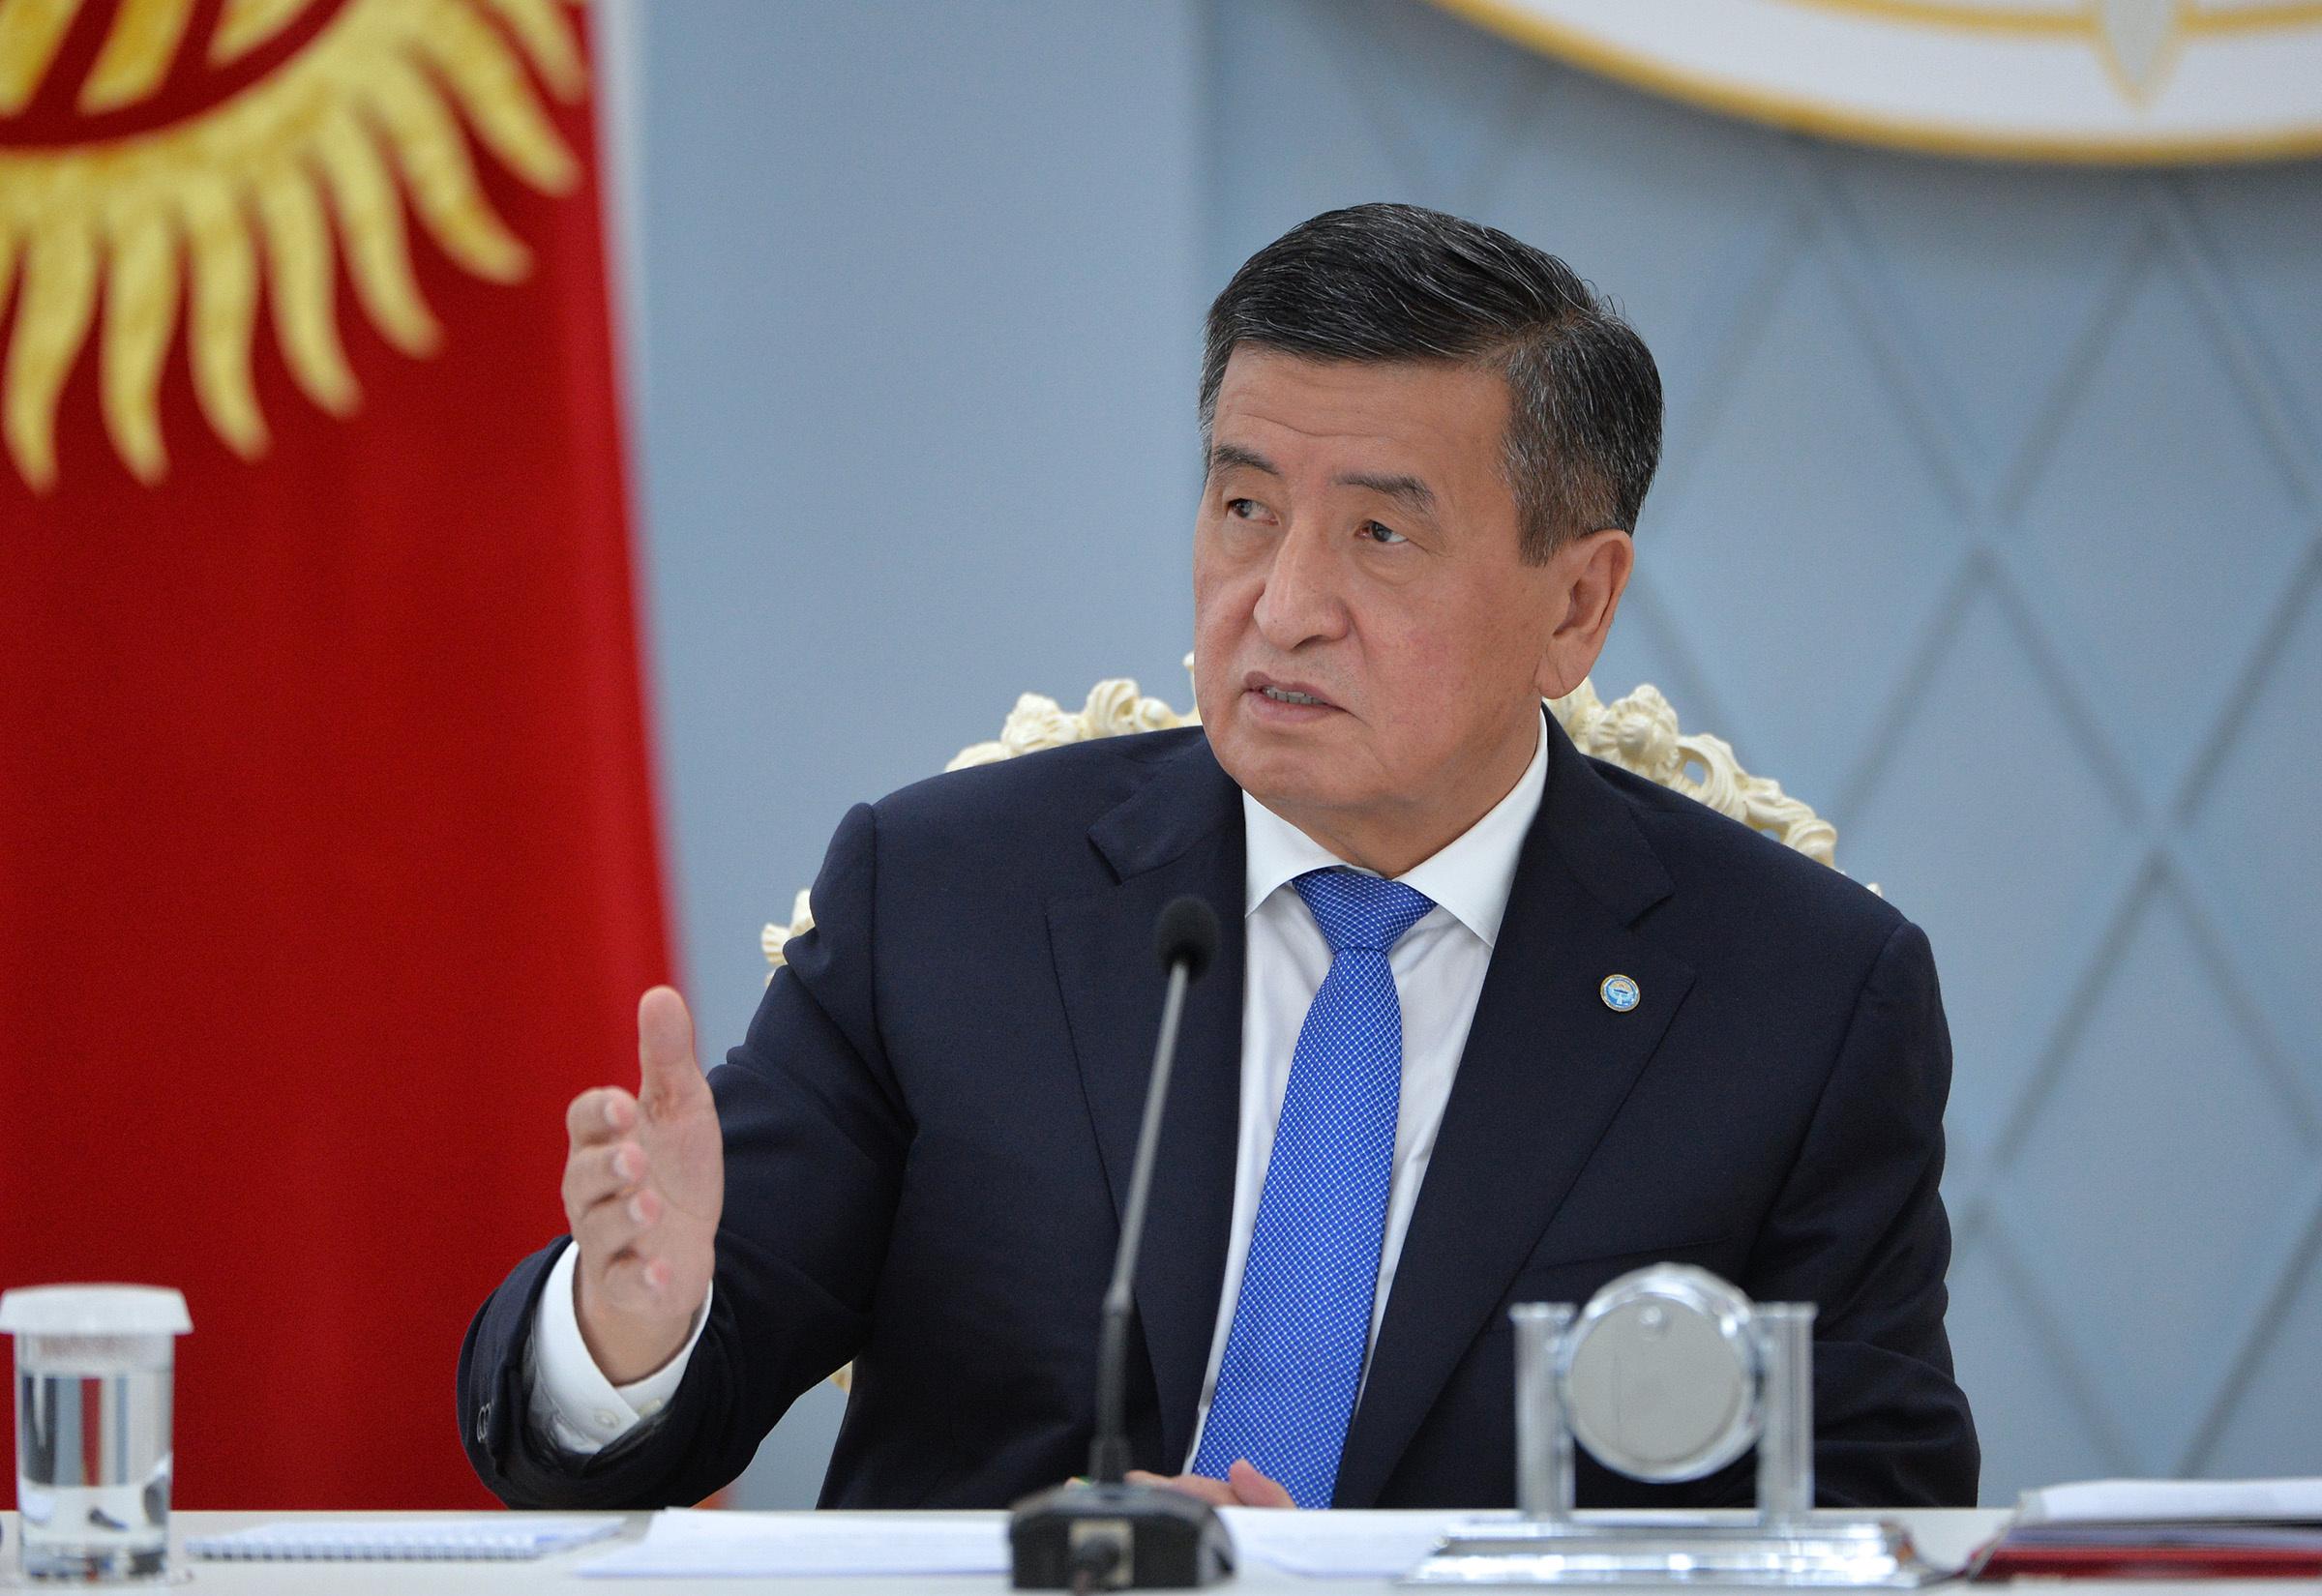 Президент призвал все партии соблюдать законы во время агитации